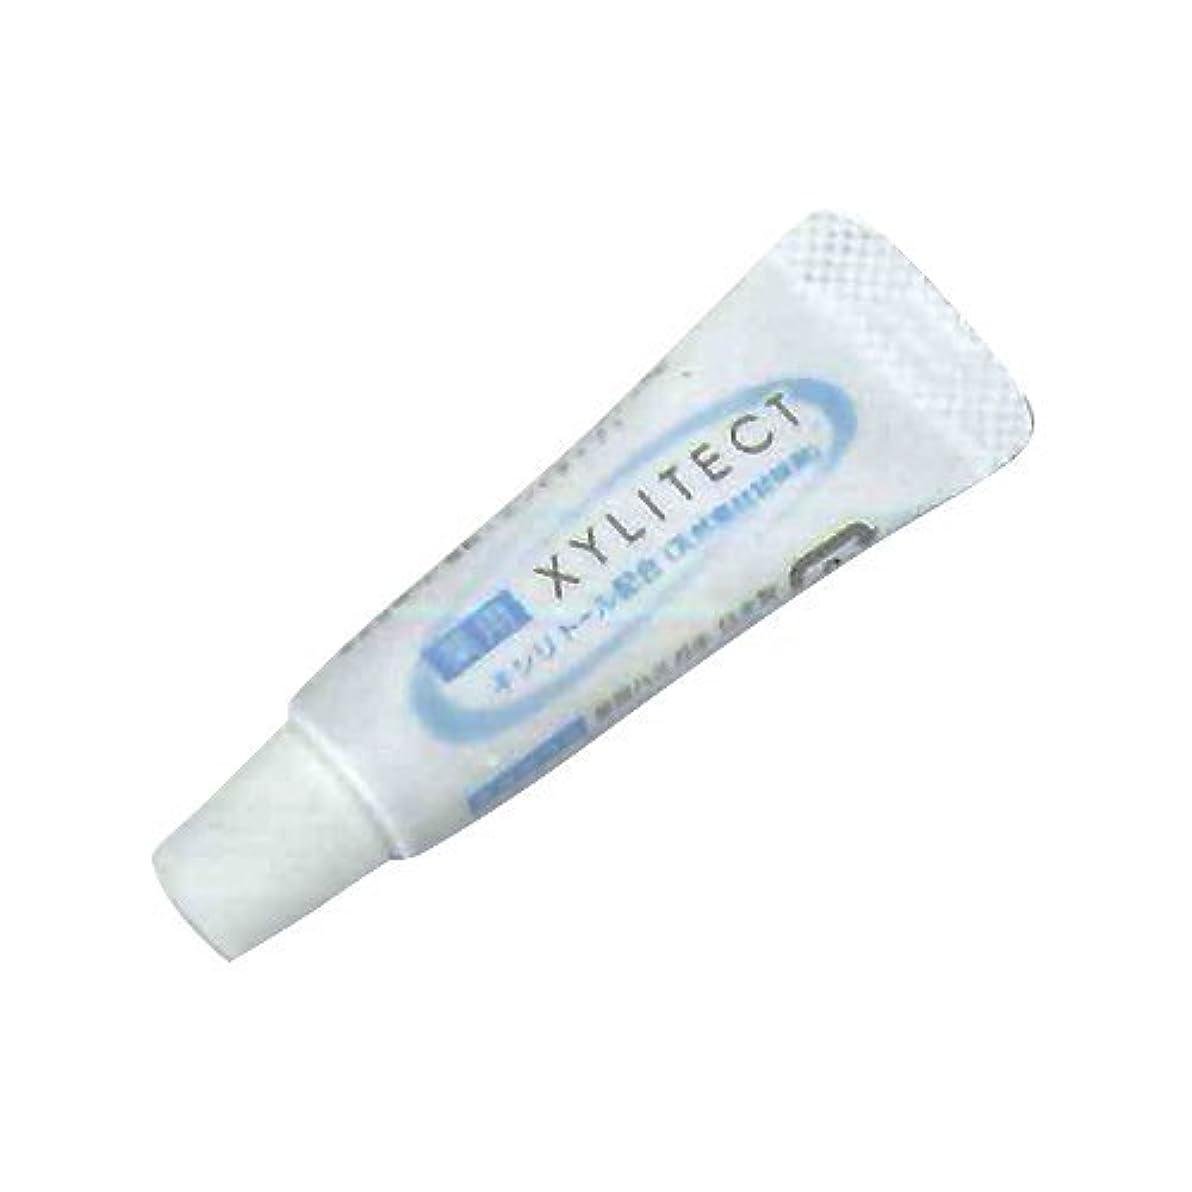 裏切り者予防接種ゴルフ業務用歯磨き粉 薬用キシリテクト (XYLITECT) 4.5g ×100個セット (個包装タイプ) | ホテルアメニティ ハミガキ toothpaste